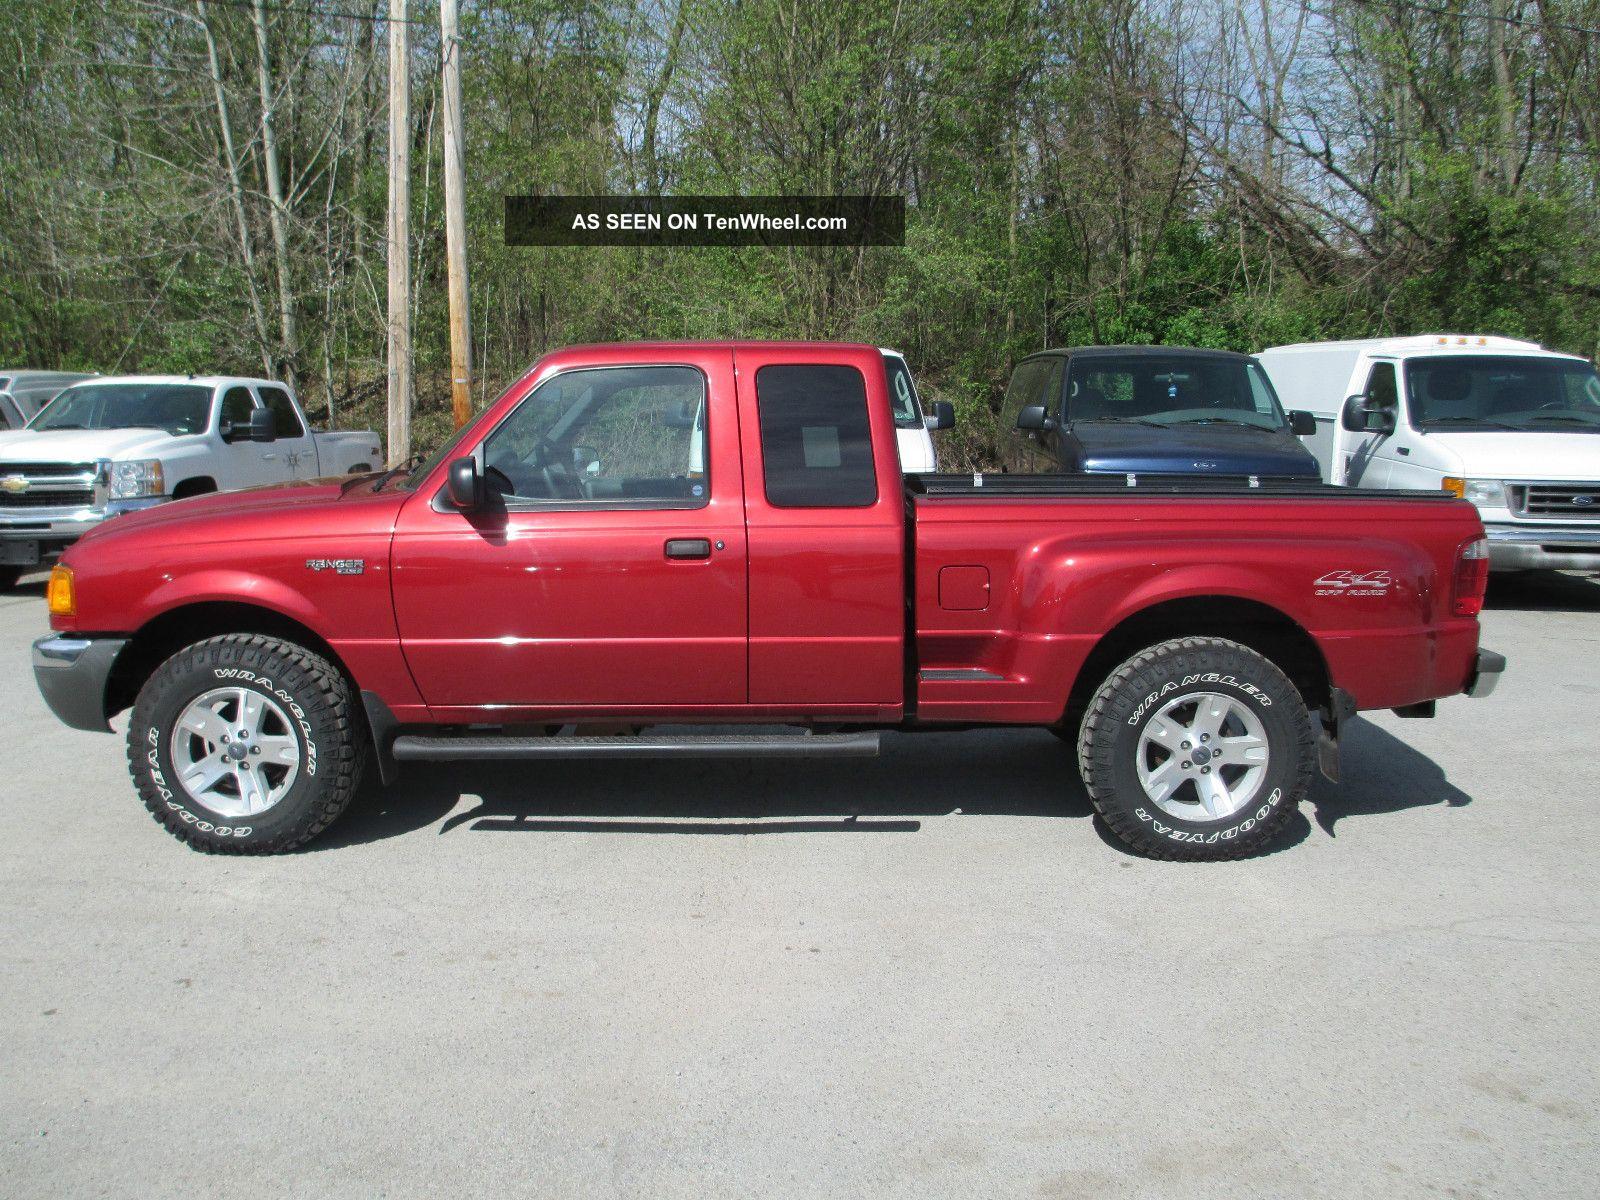 2002 ford ranger image 10